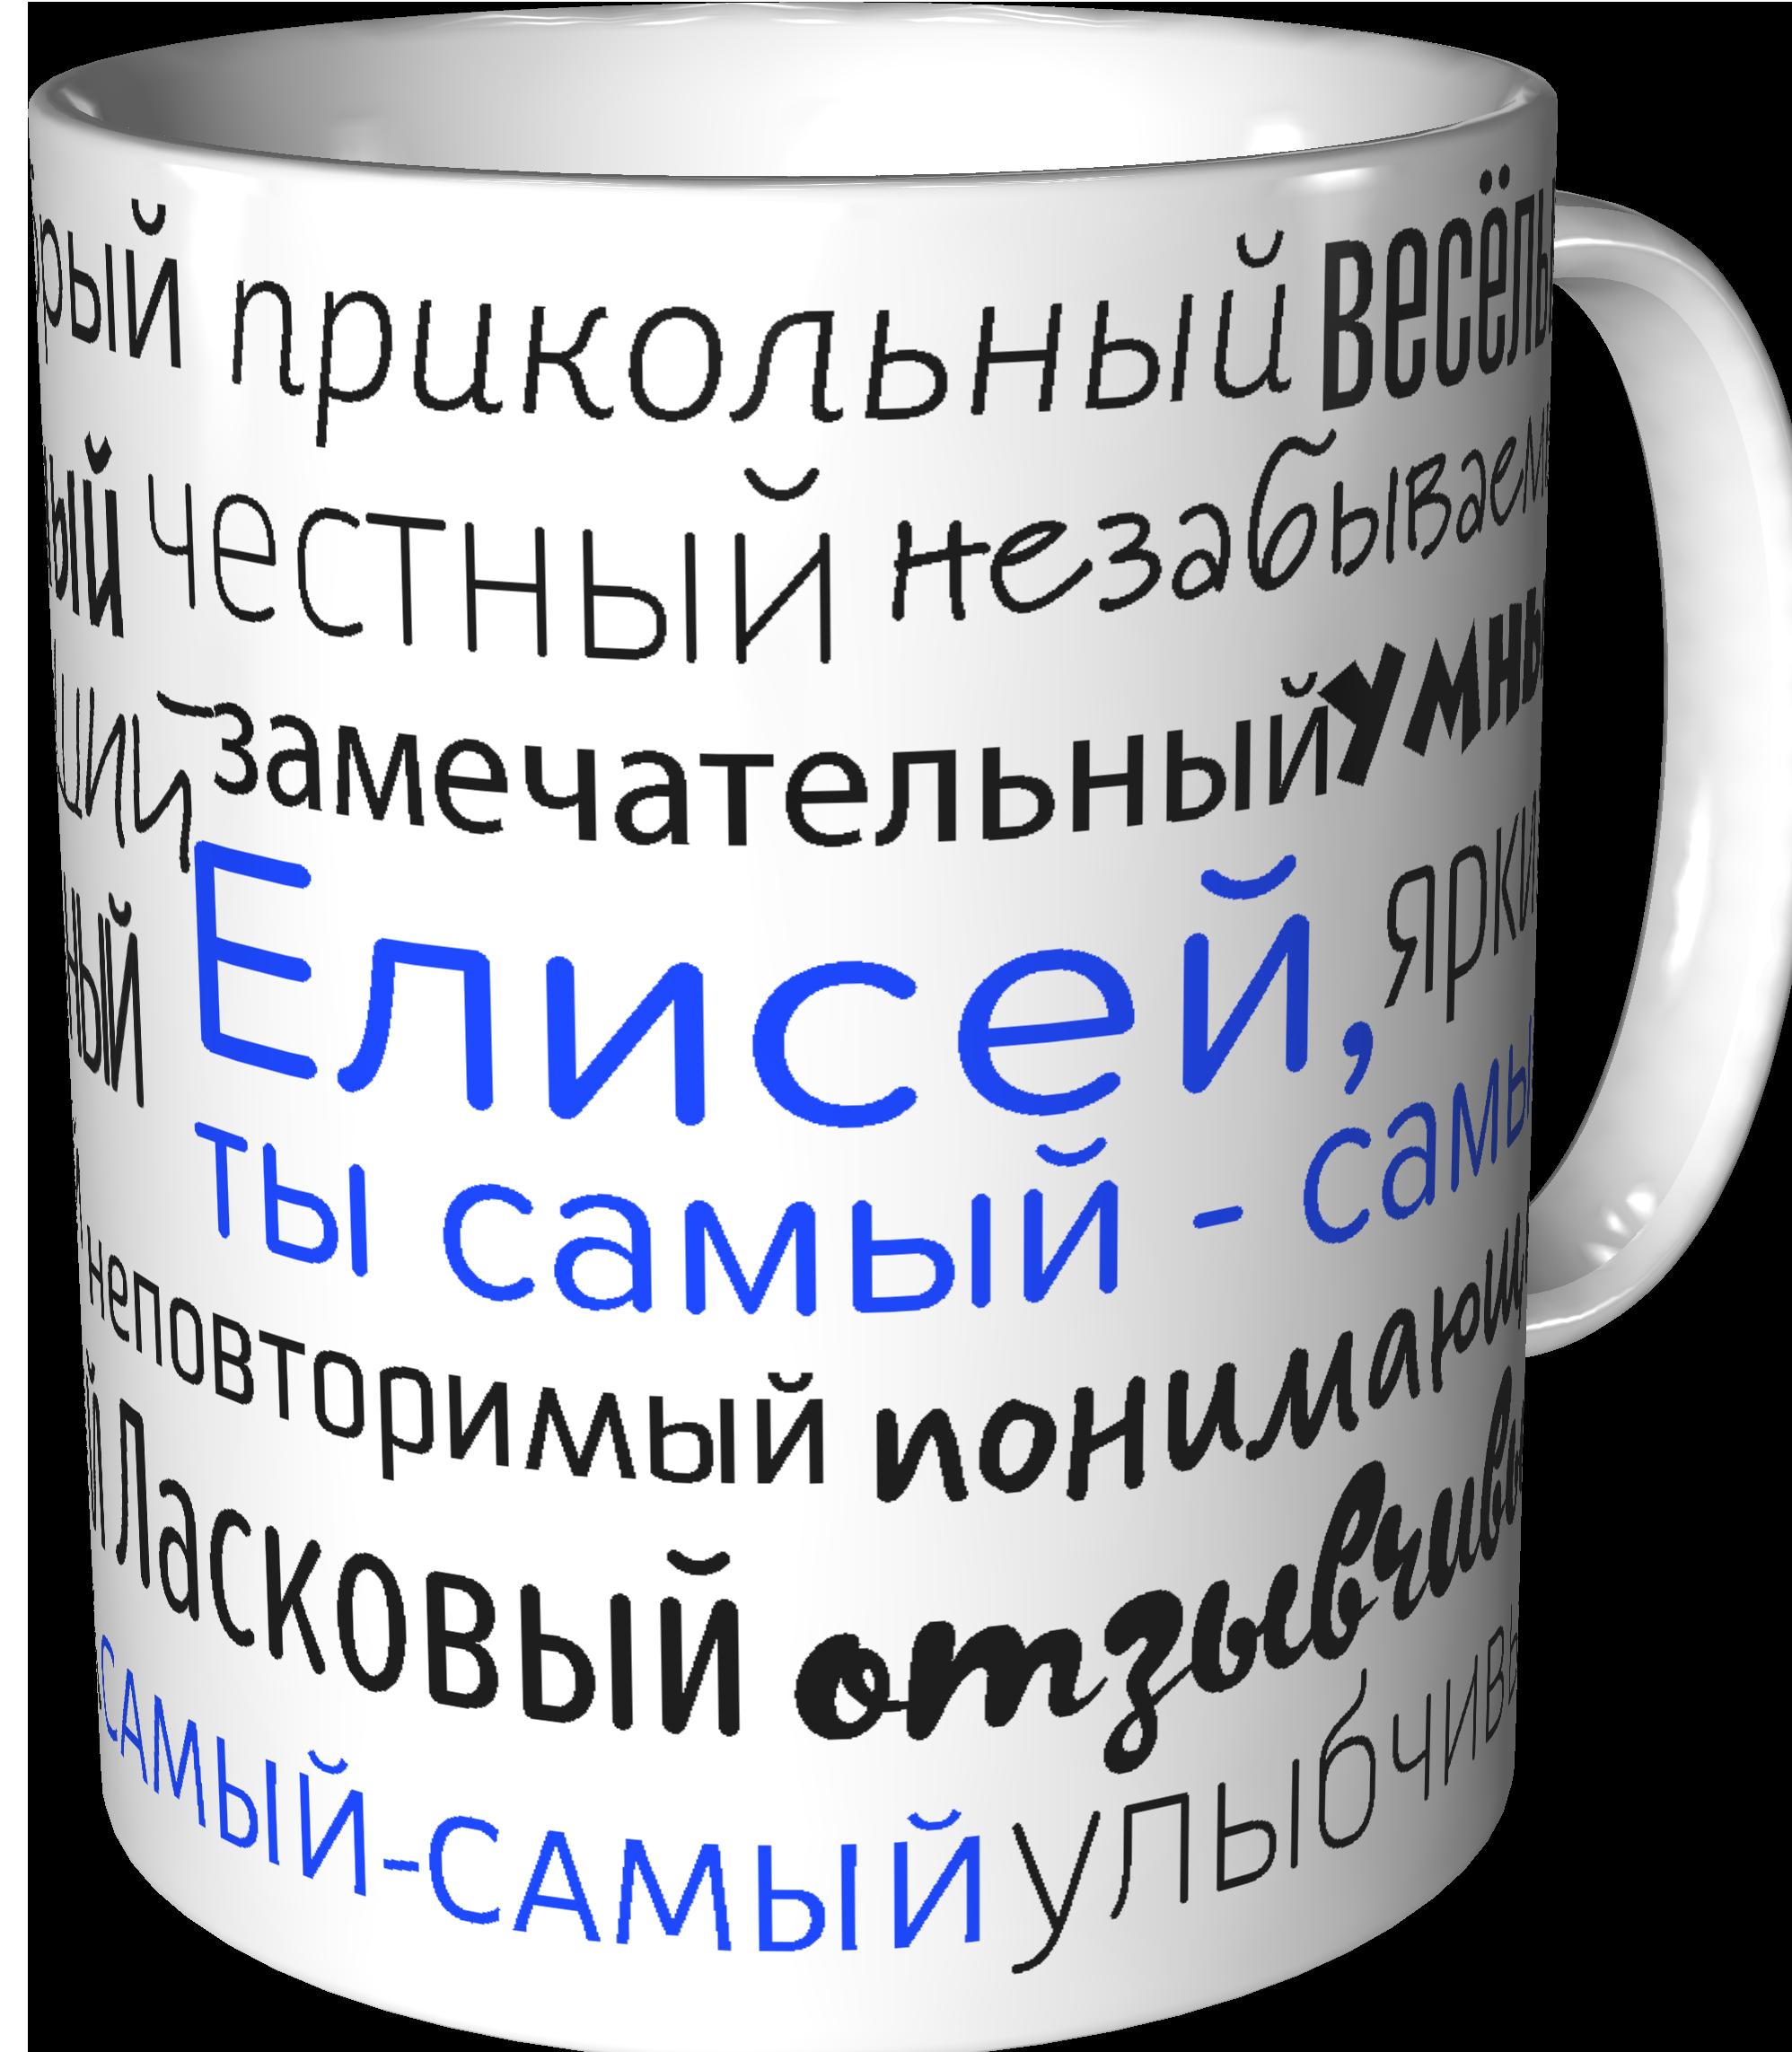 Кружка Легко МП комплименты мужская Елисей, белый printio елисей